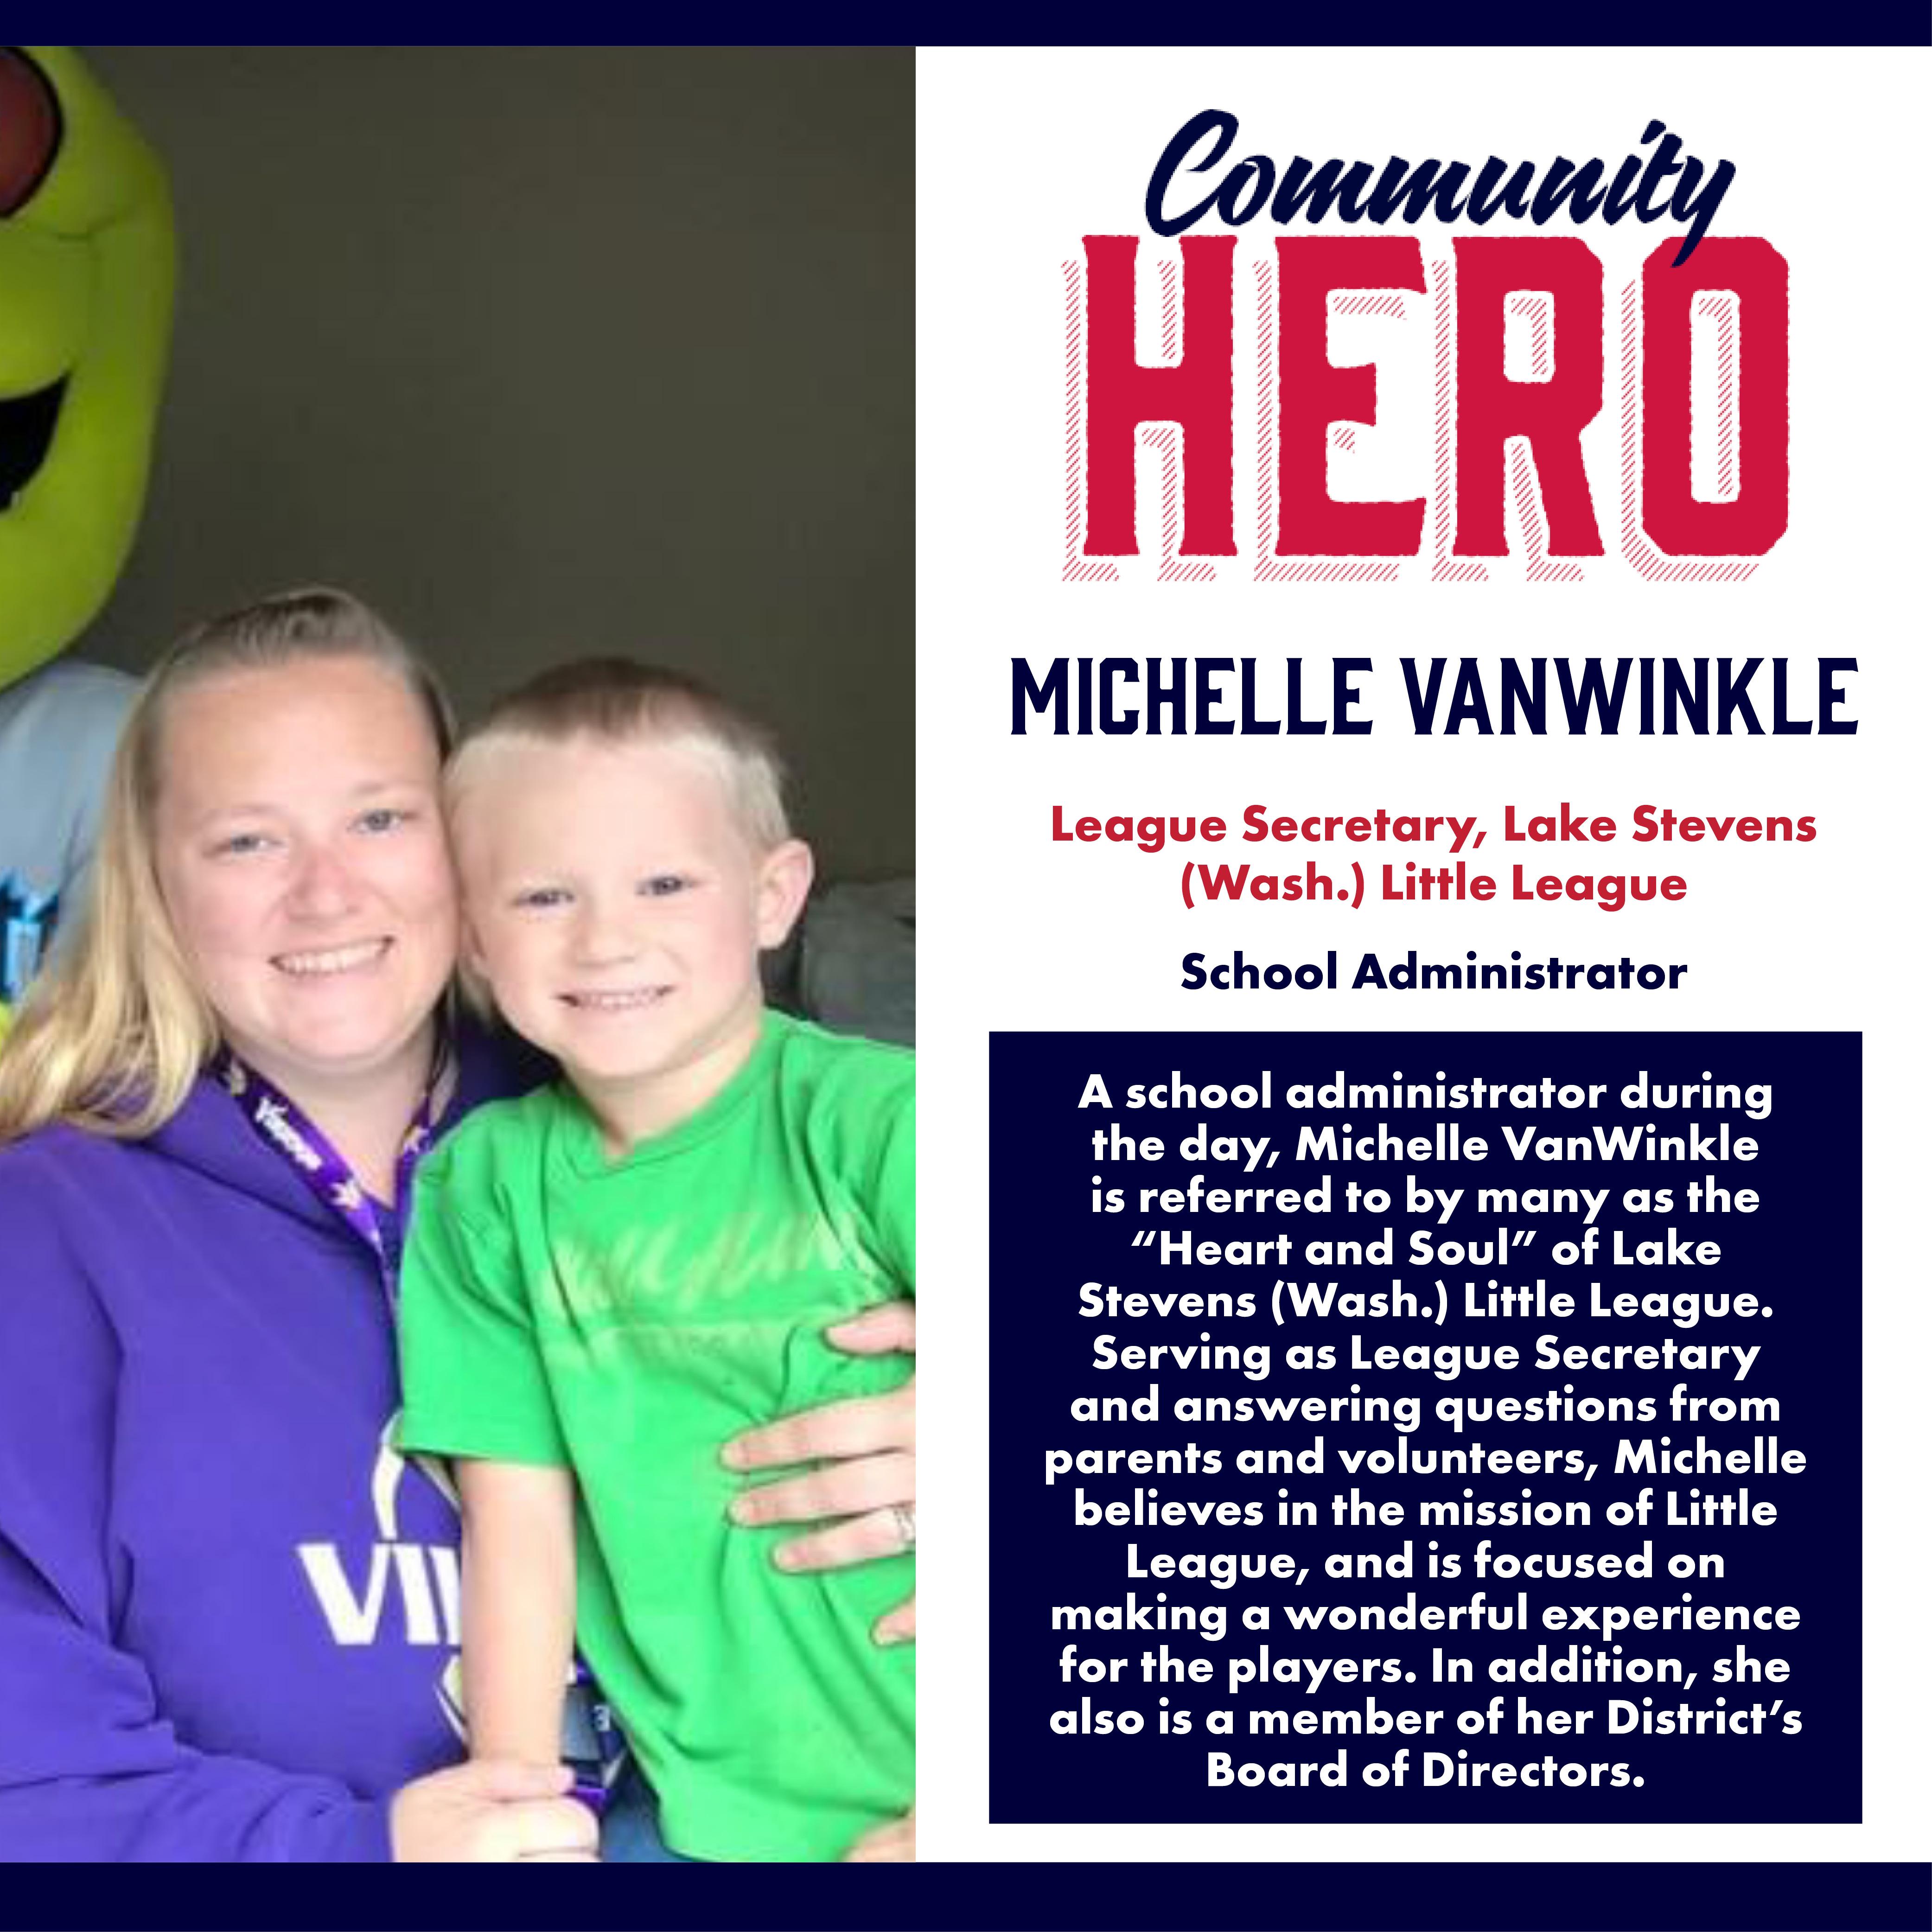 Michelle VanWinkle Community Heroes